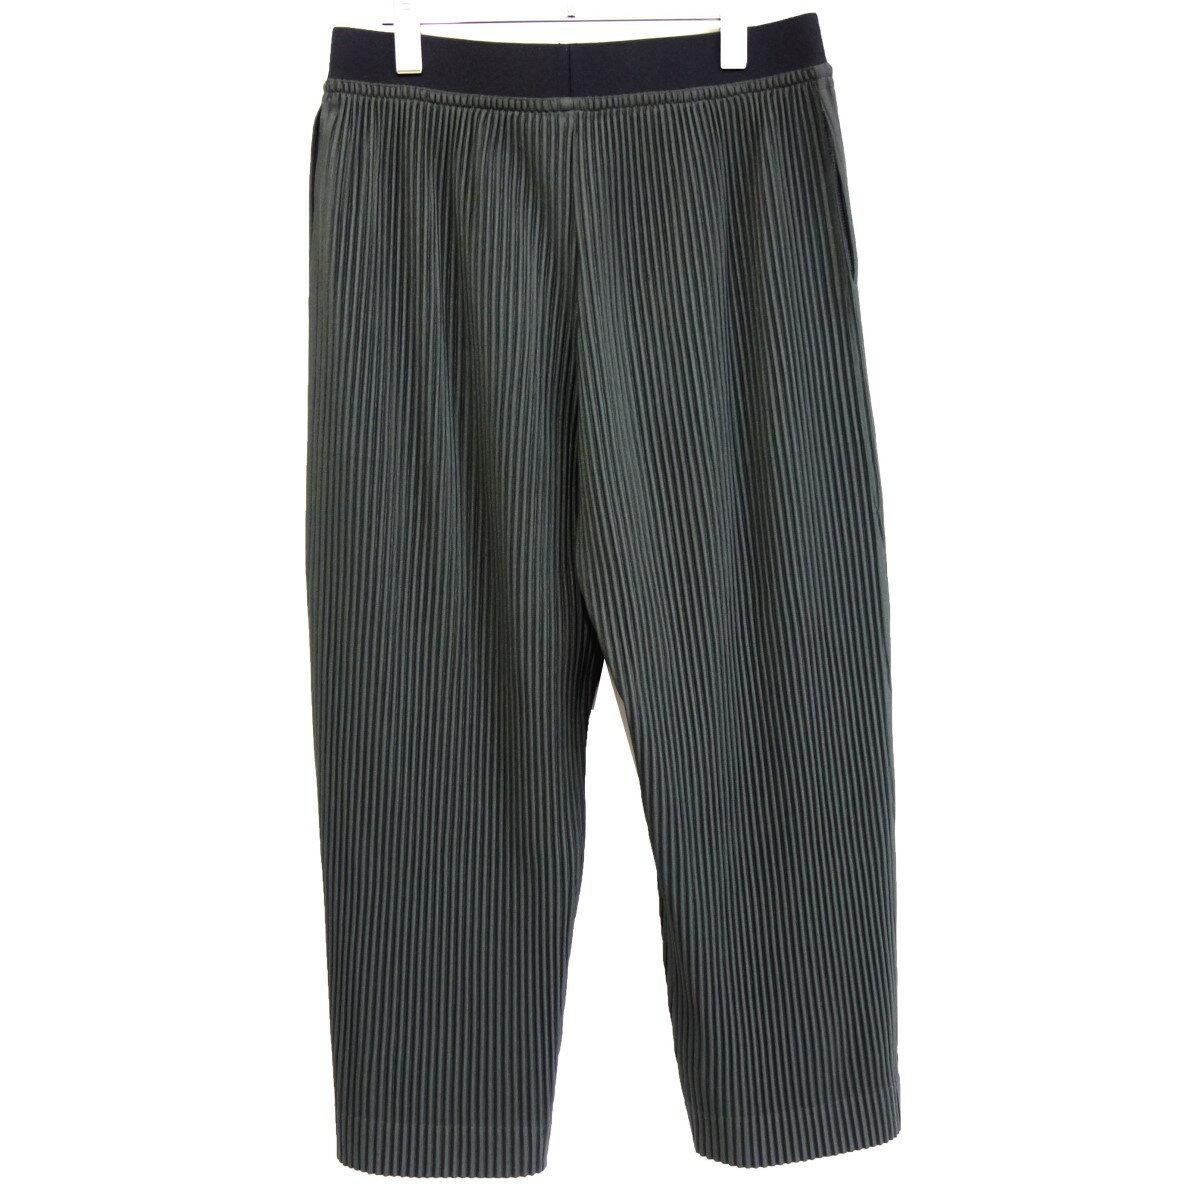 メンズファッション, ズボン・パンツ HOMME PLISSE ISSEY MIYAKE 17AW 3 110420